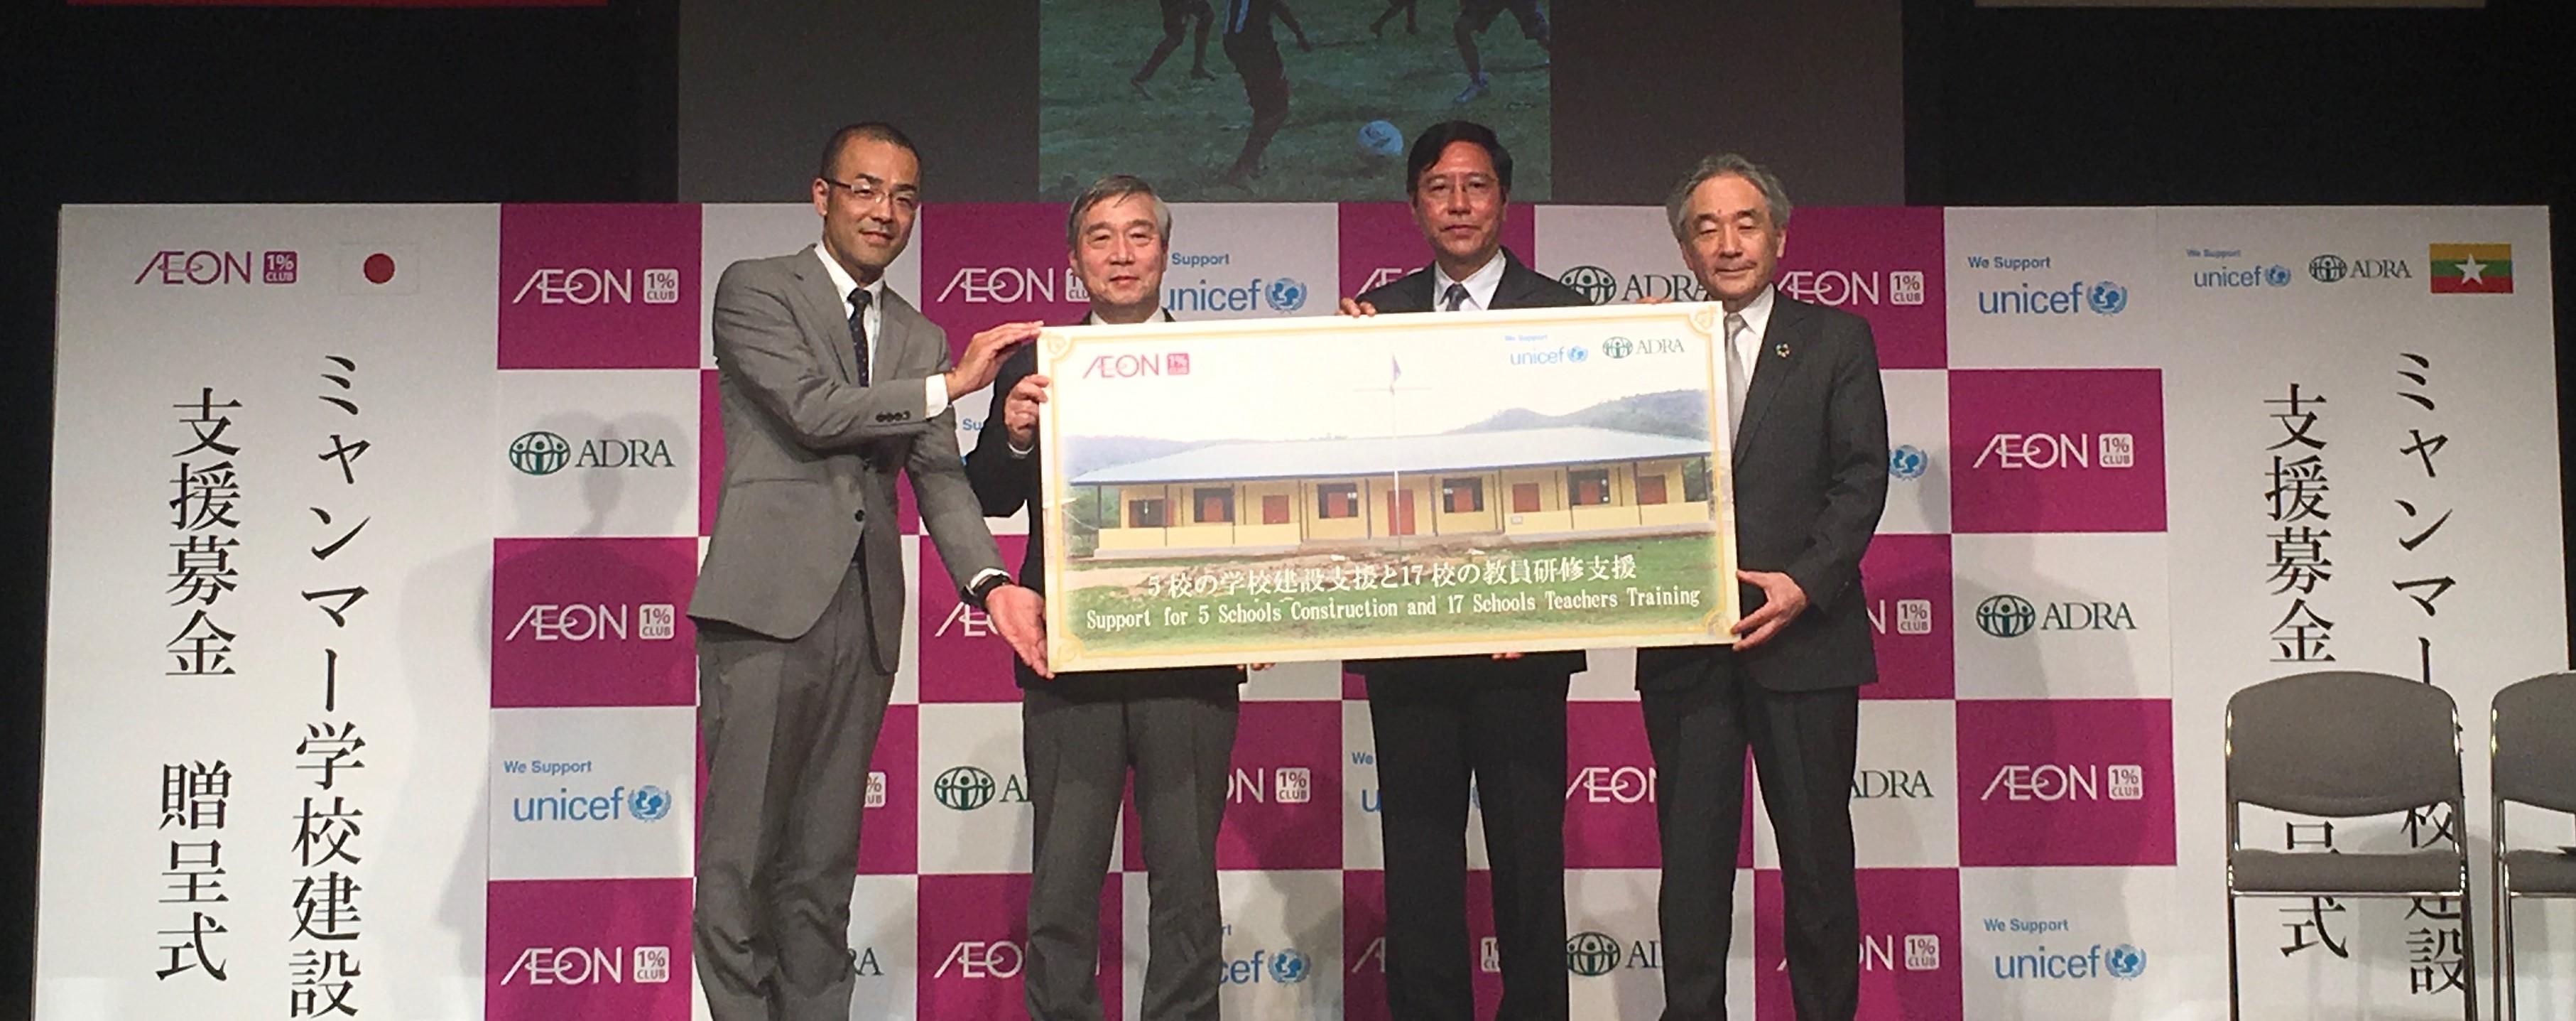 ミャンマー学校建設支援募金 4月1日~5月26日まで全国のイオングループのお店や事業所にて募金活動を実施し、総額34,287,816円をお寄せいただきました。あたたかいご支援・ご協力ありがとうございました。